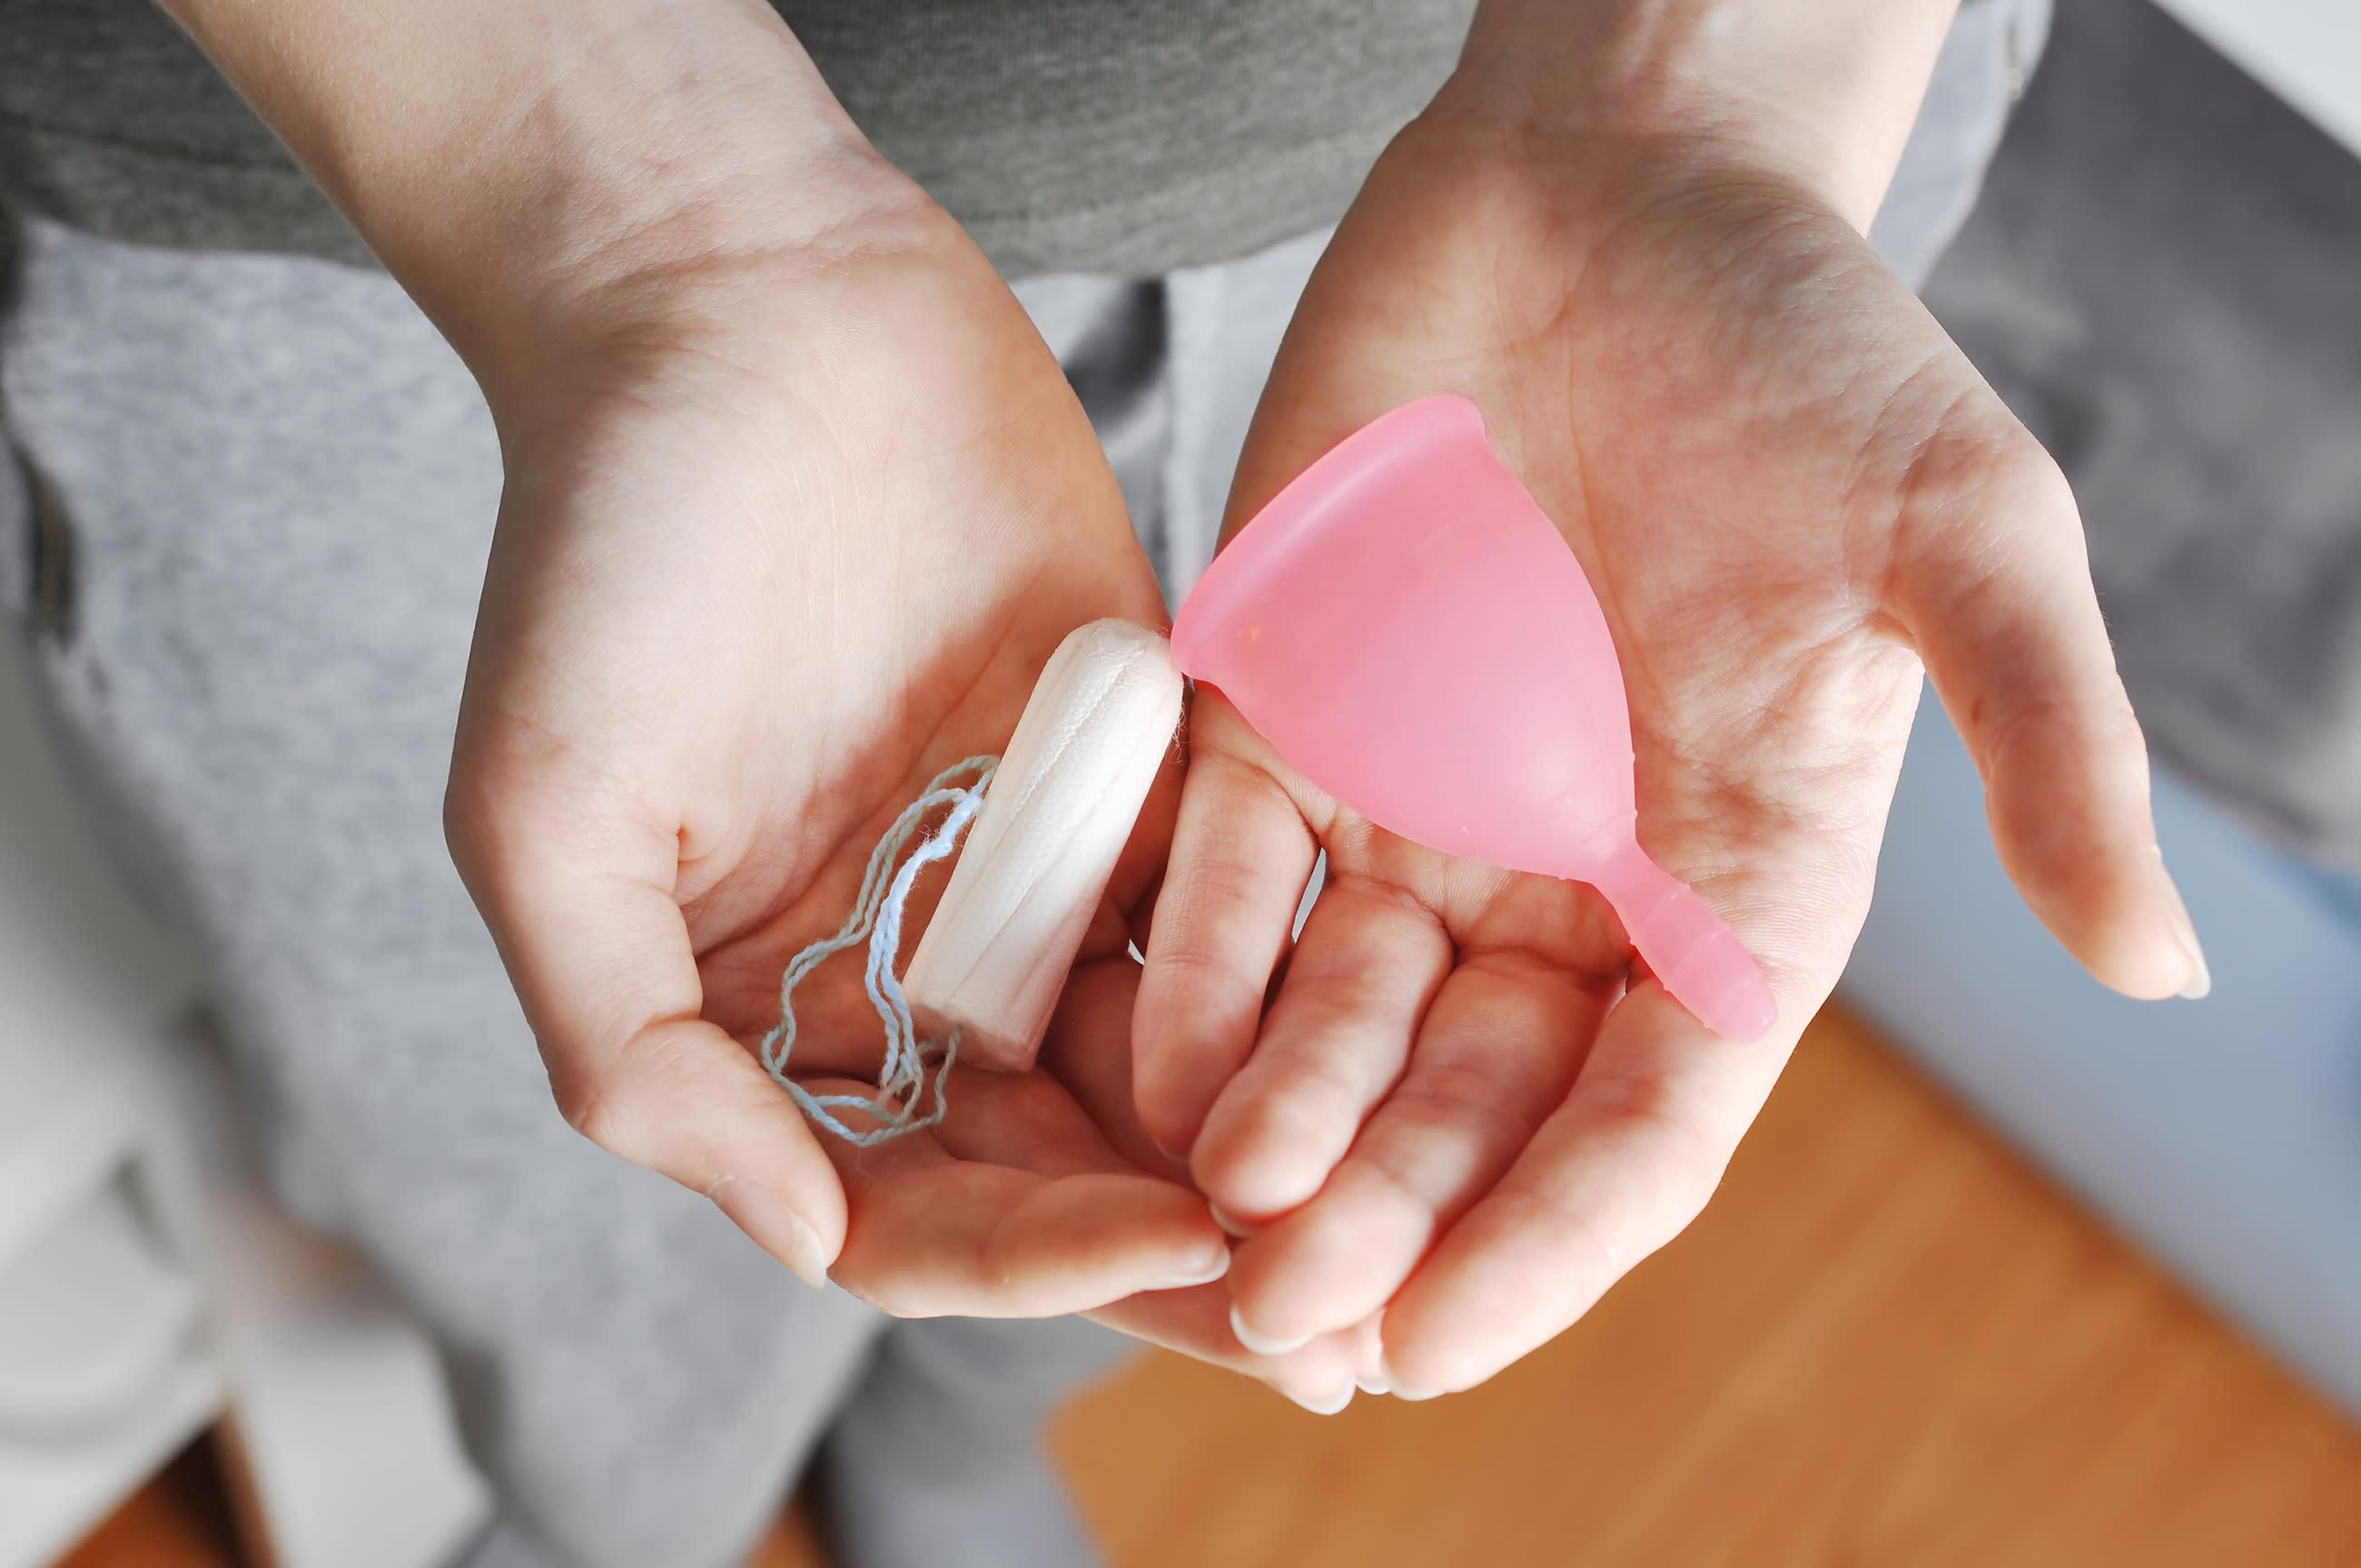 Con productos como la copa menstrual y compresas reutilizables de tela se puede tener una menstruación más saludable y sostenible, contribuyendo así con la reducción del grave impacto ambiental que se vive hoy en día. (Foto: Getty)